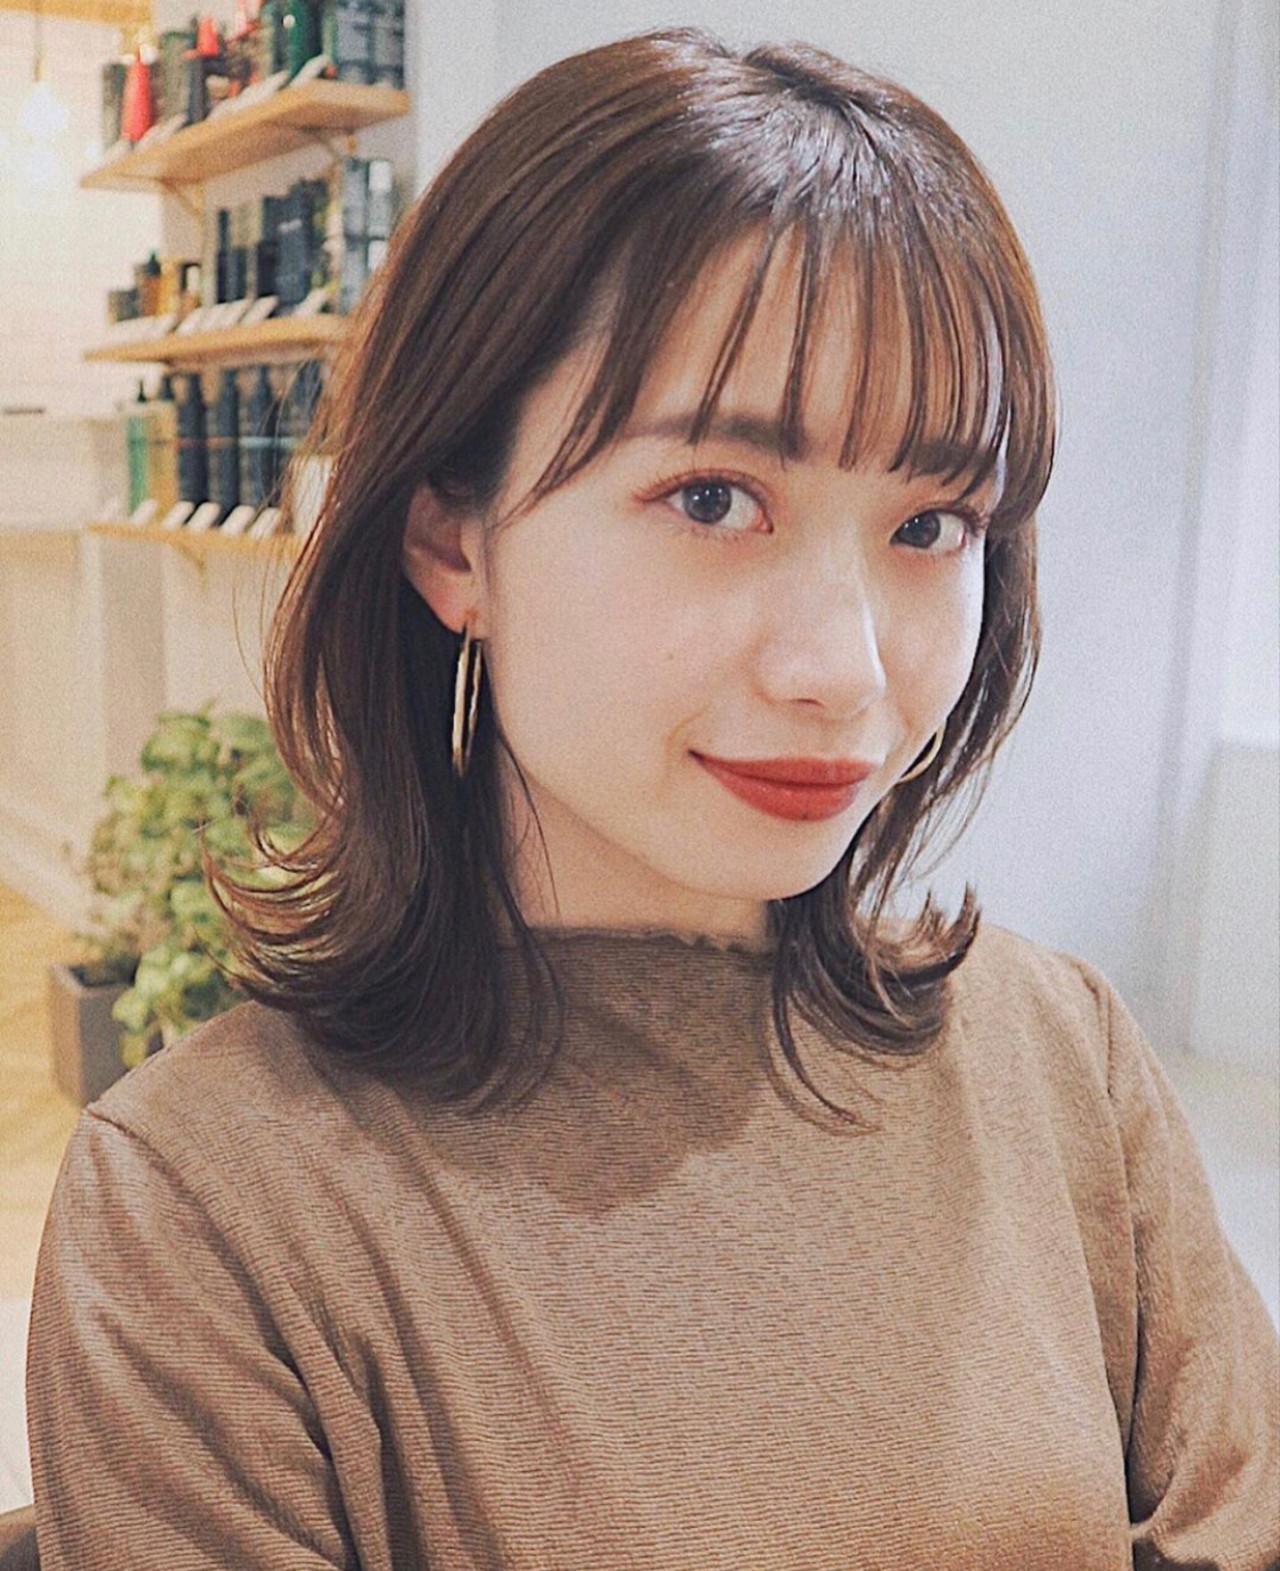 大人ミディアム インナーカラー ミディアムヘアー 鎖骨ミディアム ヘアスタイルや髪型の写真・画像